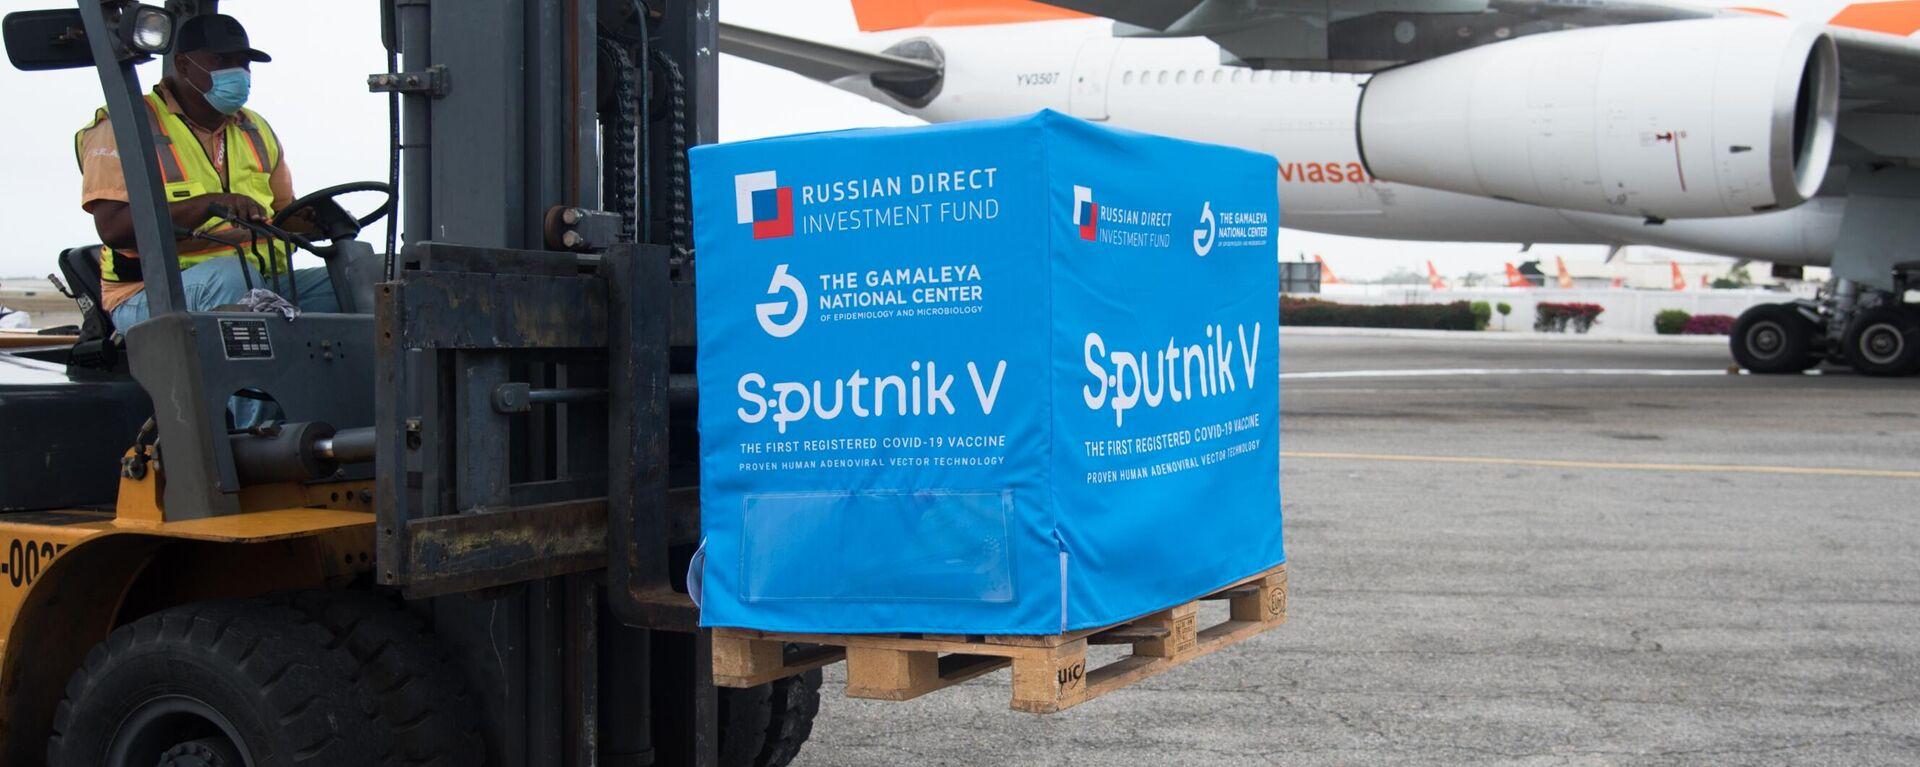 Arriba a Venezuela un cargamento de la vacuna rusa Sputnik V (Archivo) - Sputnik Mundo, 1920, 30.05.2021